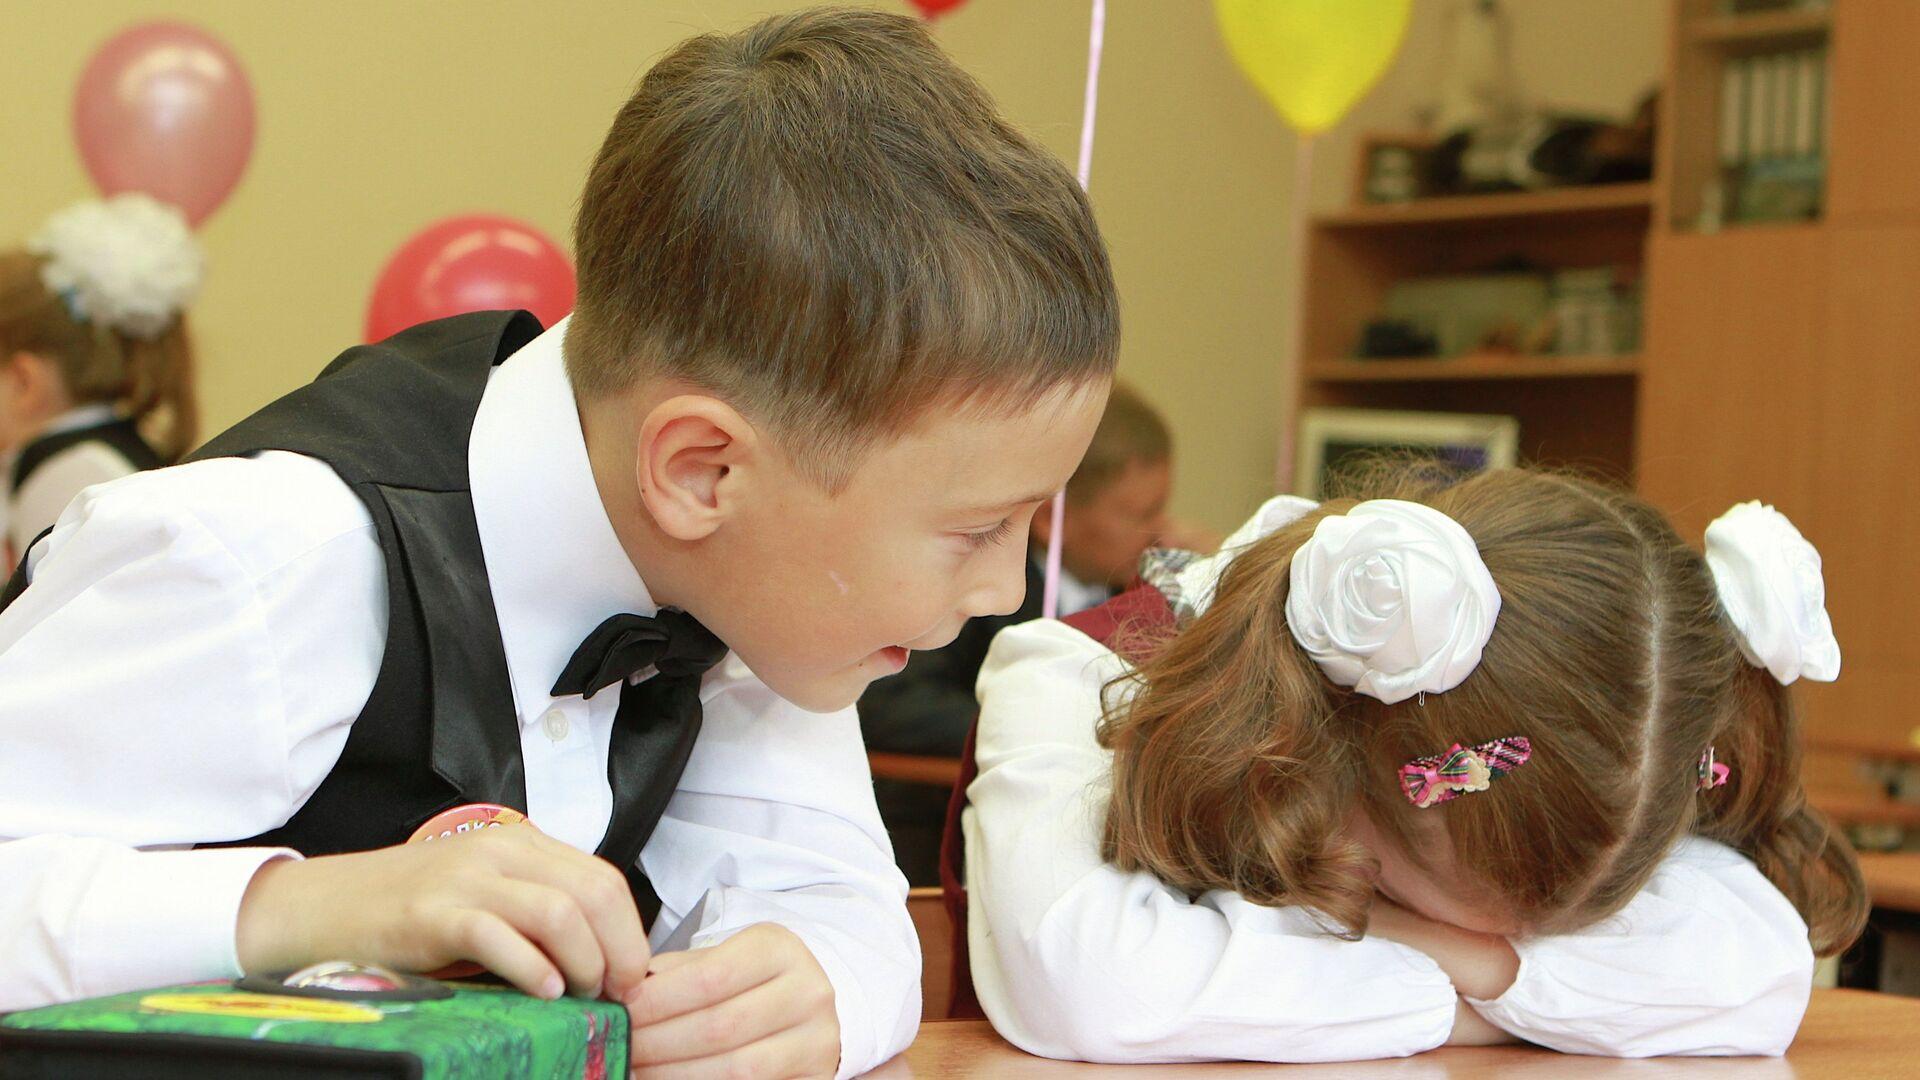 школа первый звонок линейка 1 сентября день знаний - РИА Новости, 1920, 05.09.2021